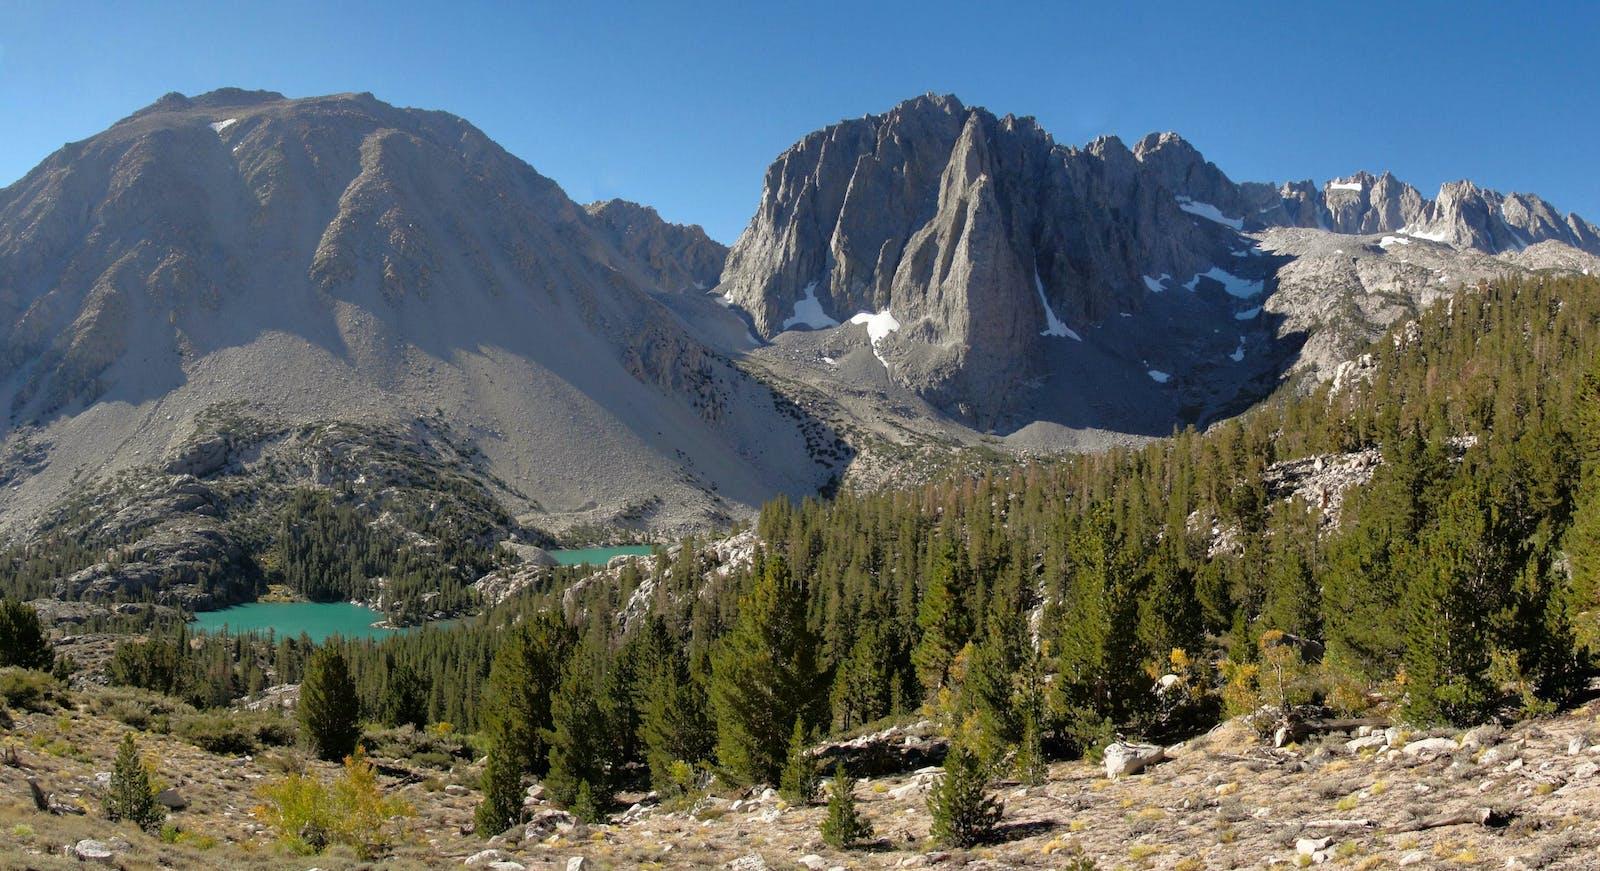 Sierra Nevada Forests